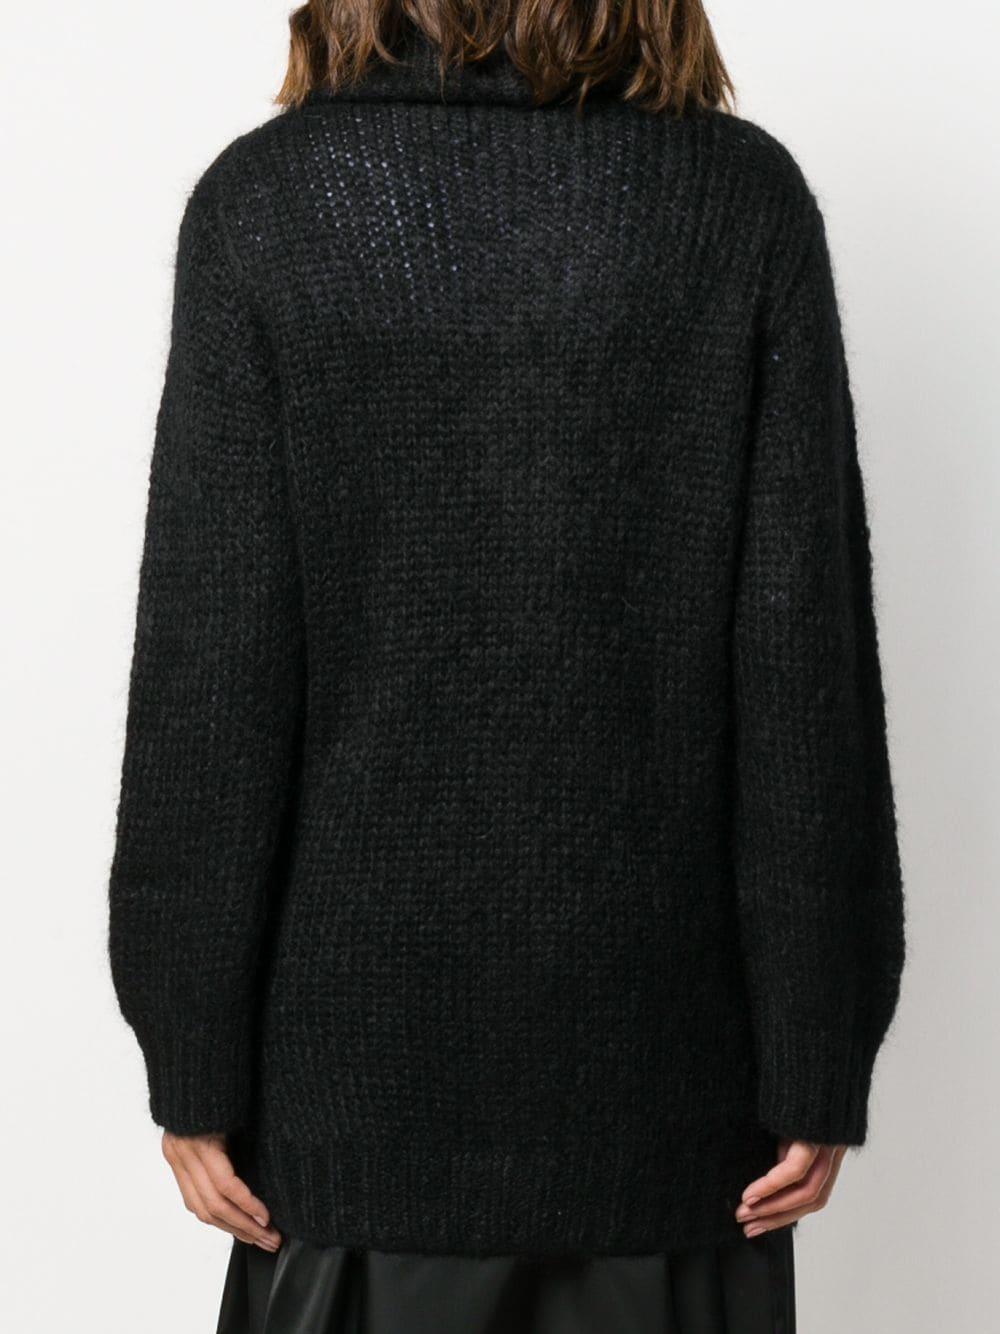 Cárdigan con cuello esmoquin Prada de Lana de color Negro